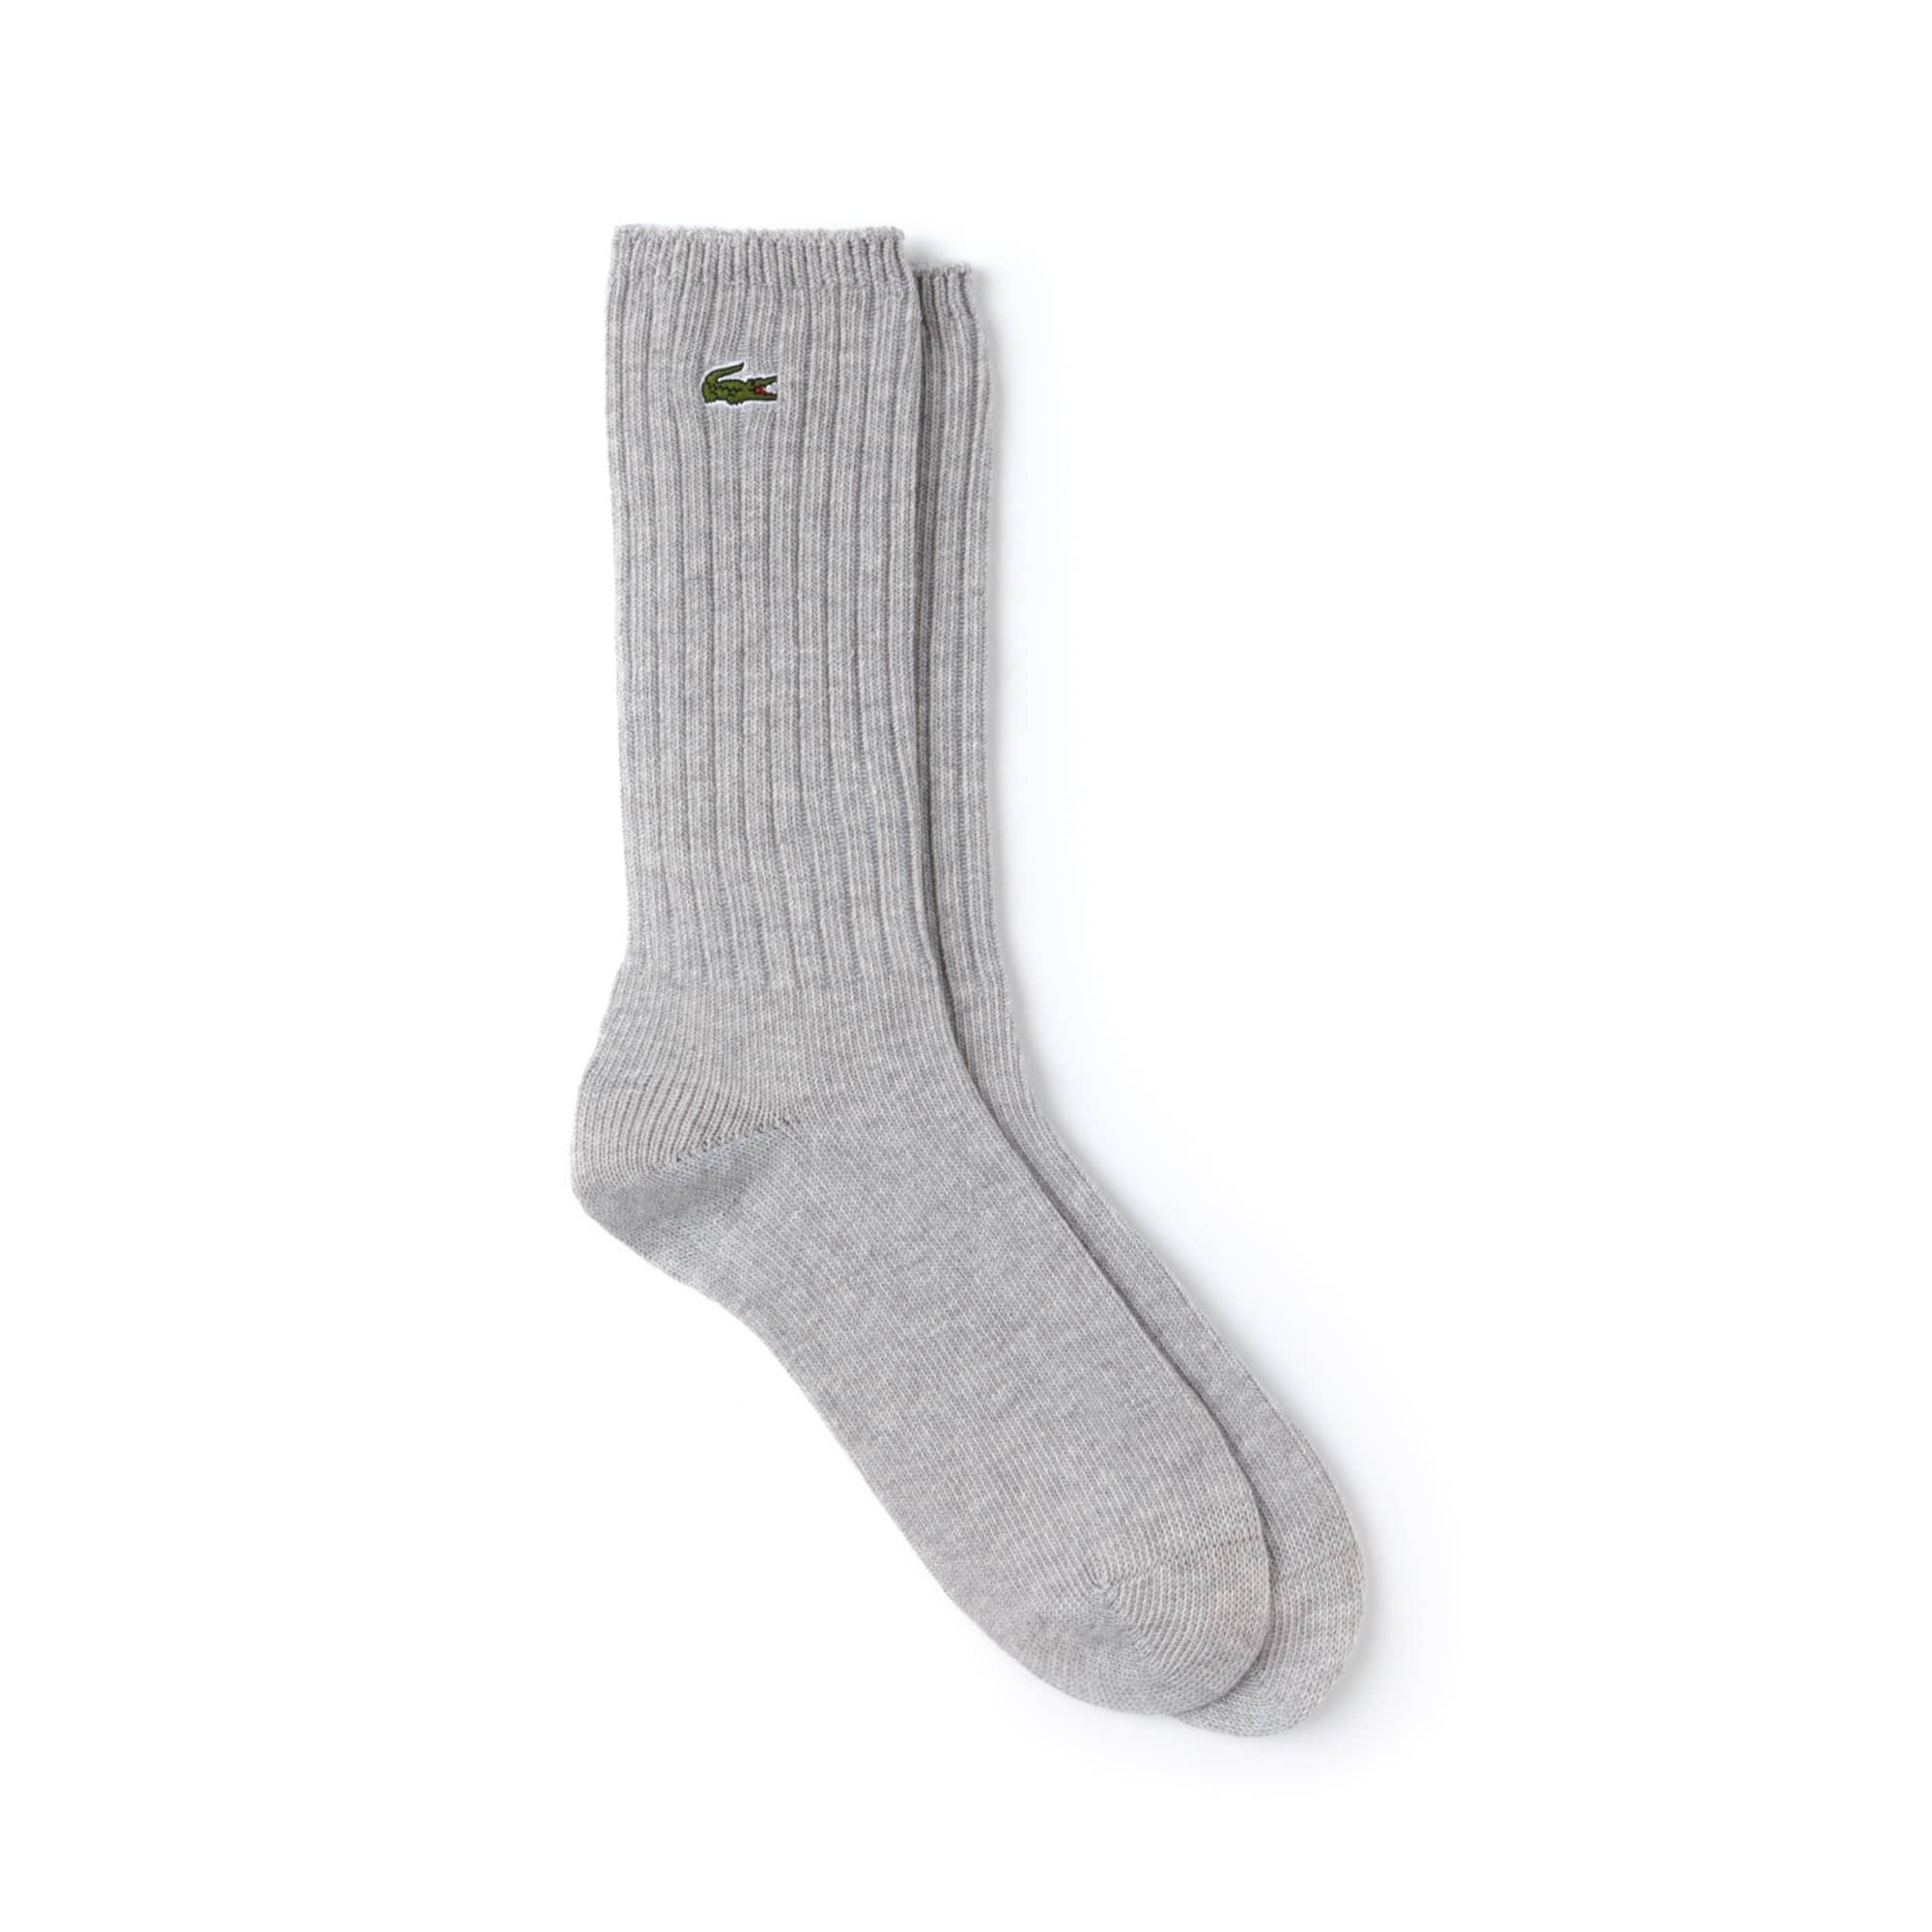 Herren-Socken aus gerippter Stretch-Baumwolle